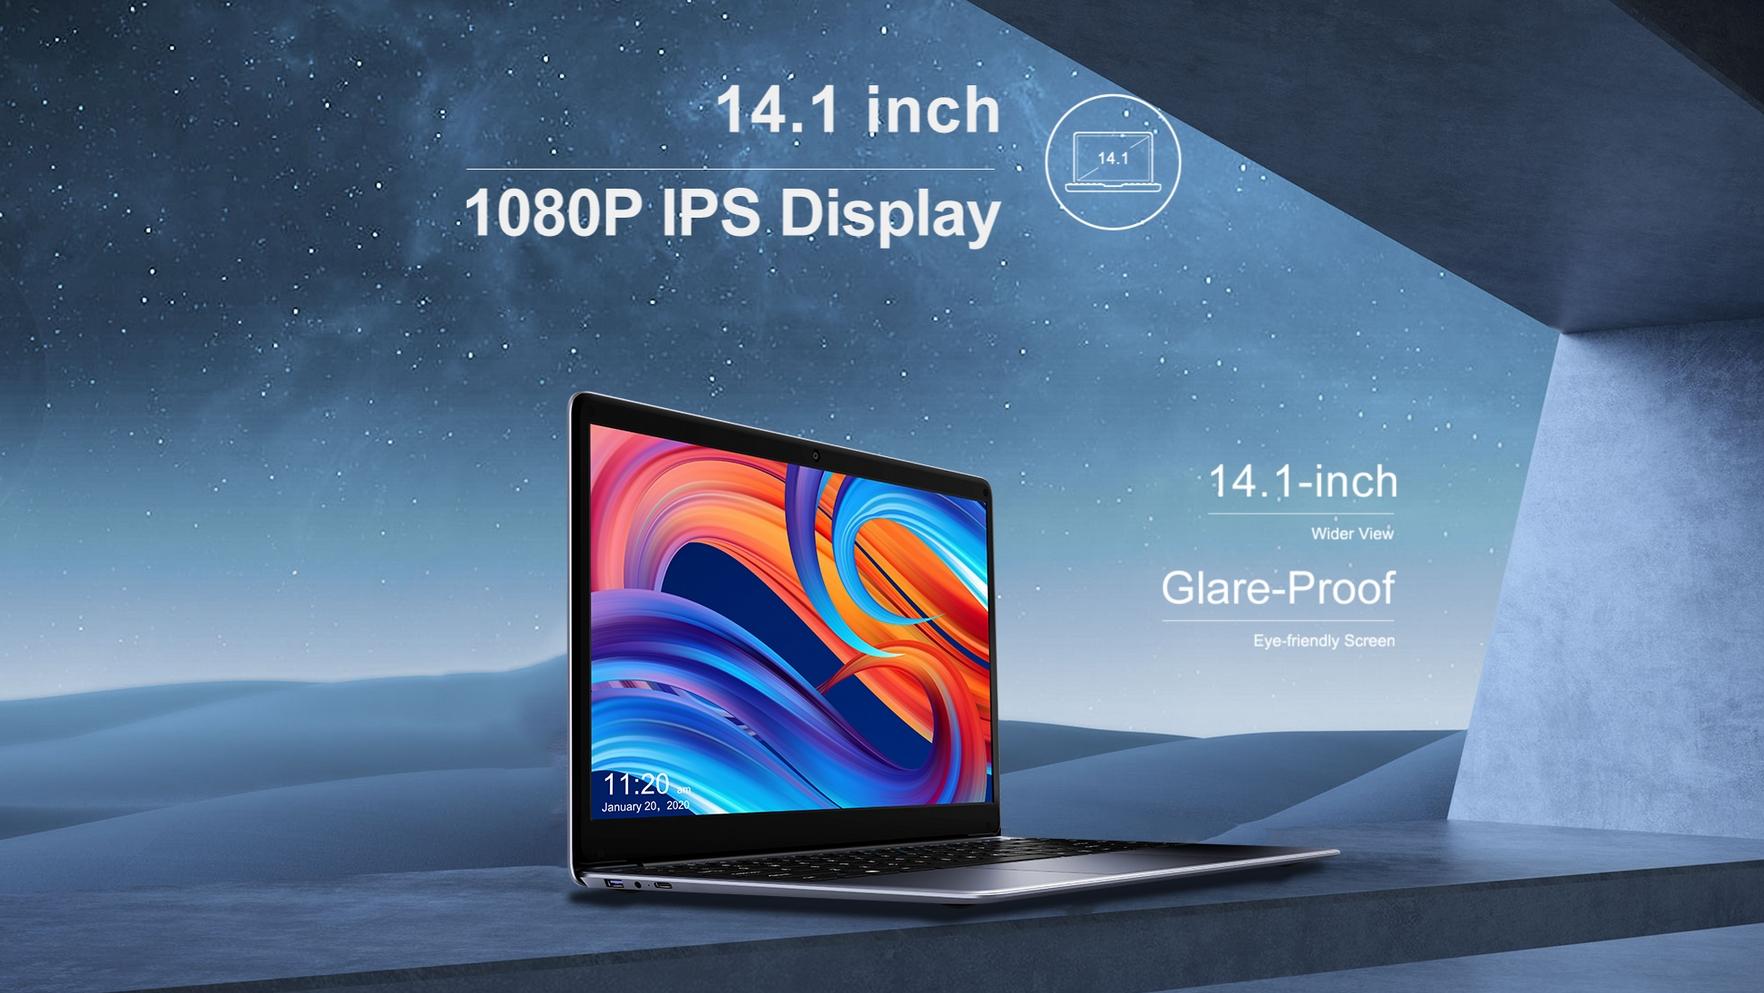 HeroBook Pro nyní v akci za 5 676 Kč! [sponzorovaný článek]